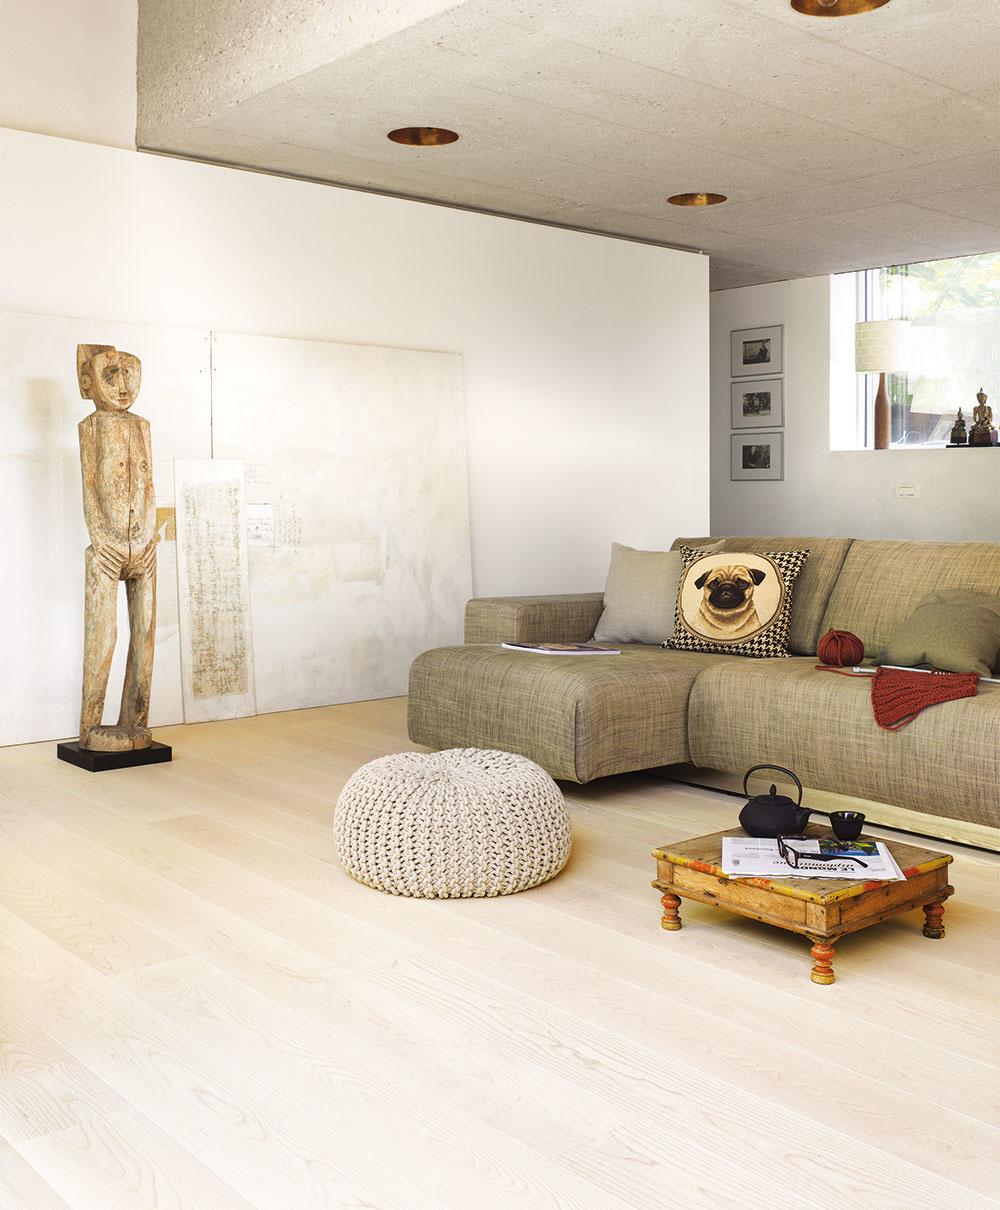 Sú pokojné, niekedy pulzujúce, temperamentné alebo úplne rustikálne. Pasujú najmä do interiérov v prírodnom, etno či škandinávskom štýle. Vysokou kvalitou sa vyznačujú drevené podlahy Tilo od firmy Koratex v deviatich kolekciách. Nová kolekcia Puristico je dostupná v svetlom dreve (javor, buk), elegantnom orechu a viacfarebnom dube, pričom dreviny majú jemné a vyvážené odtiene a len občasné uzly. Triedenie a opracovanie dreva, formátovanie a povrchová úprava parkiet zvýrazňujú univerzálnosť Tilo podláh. www.koratex.sk